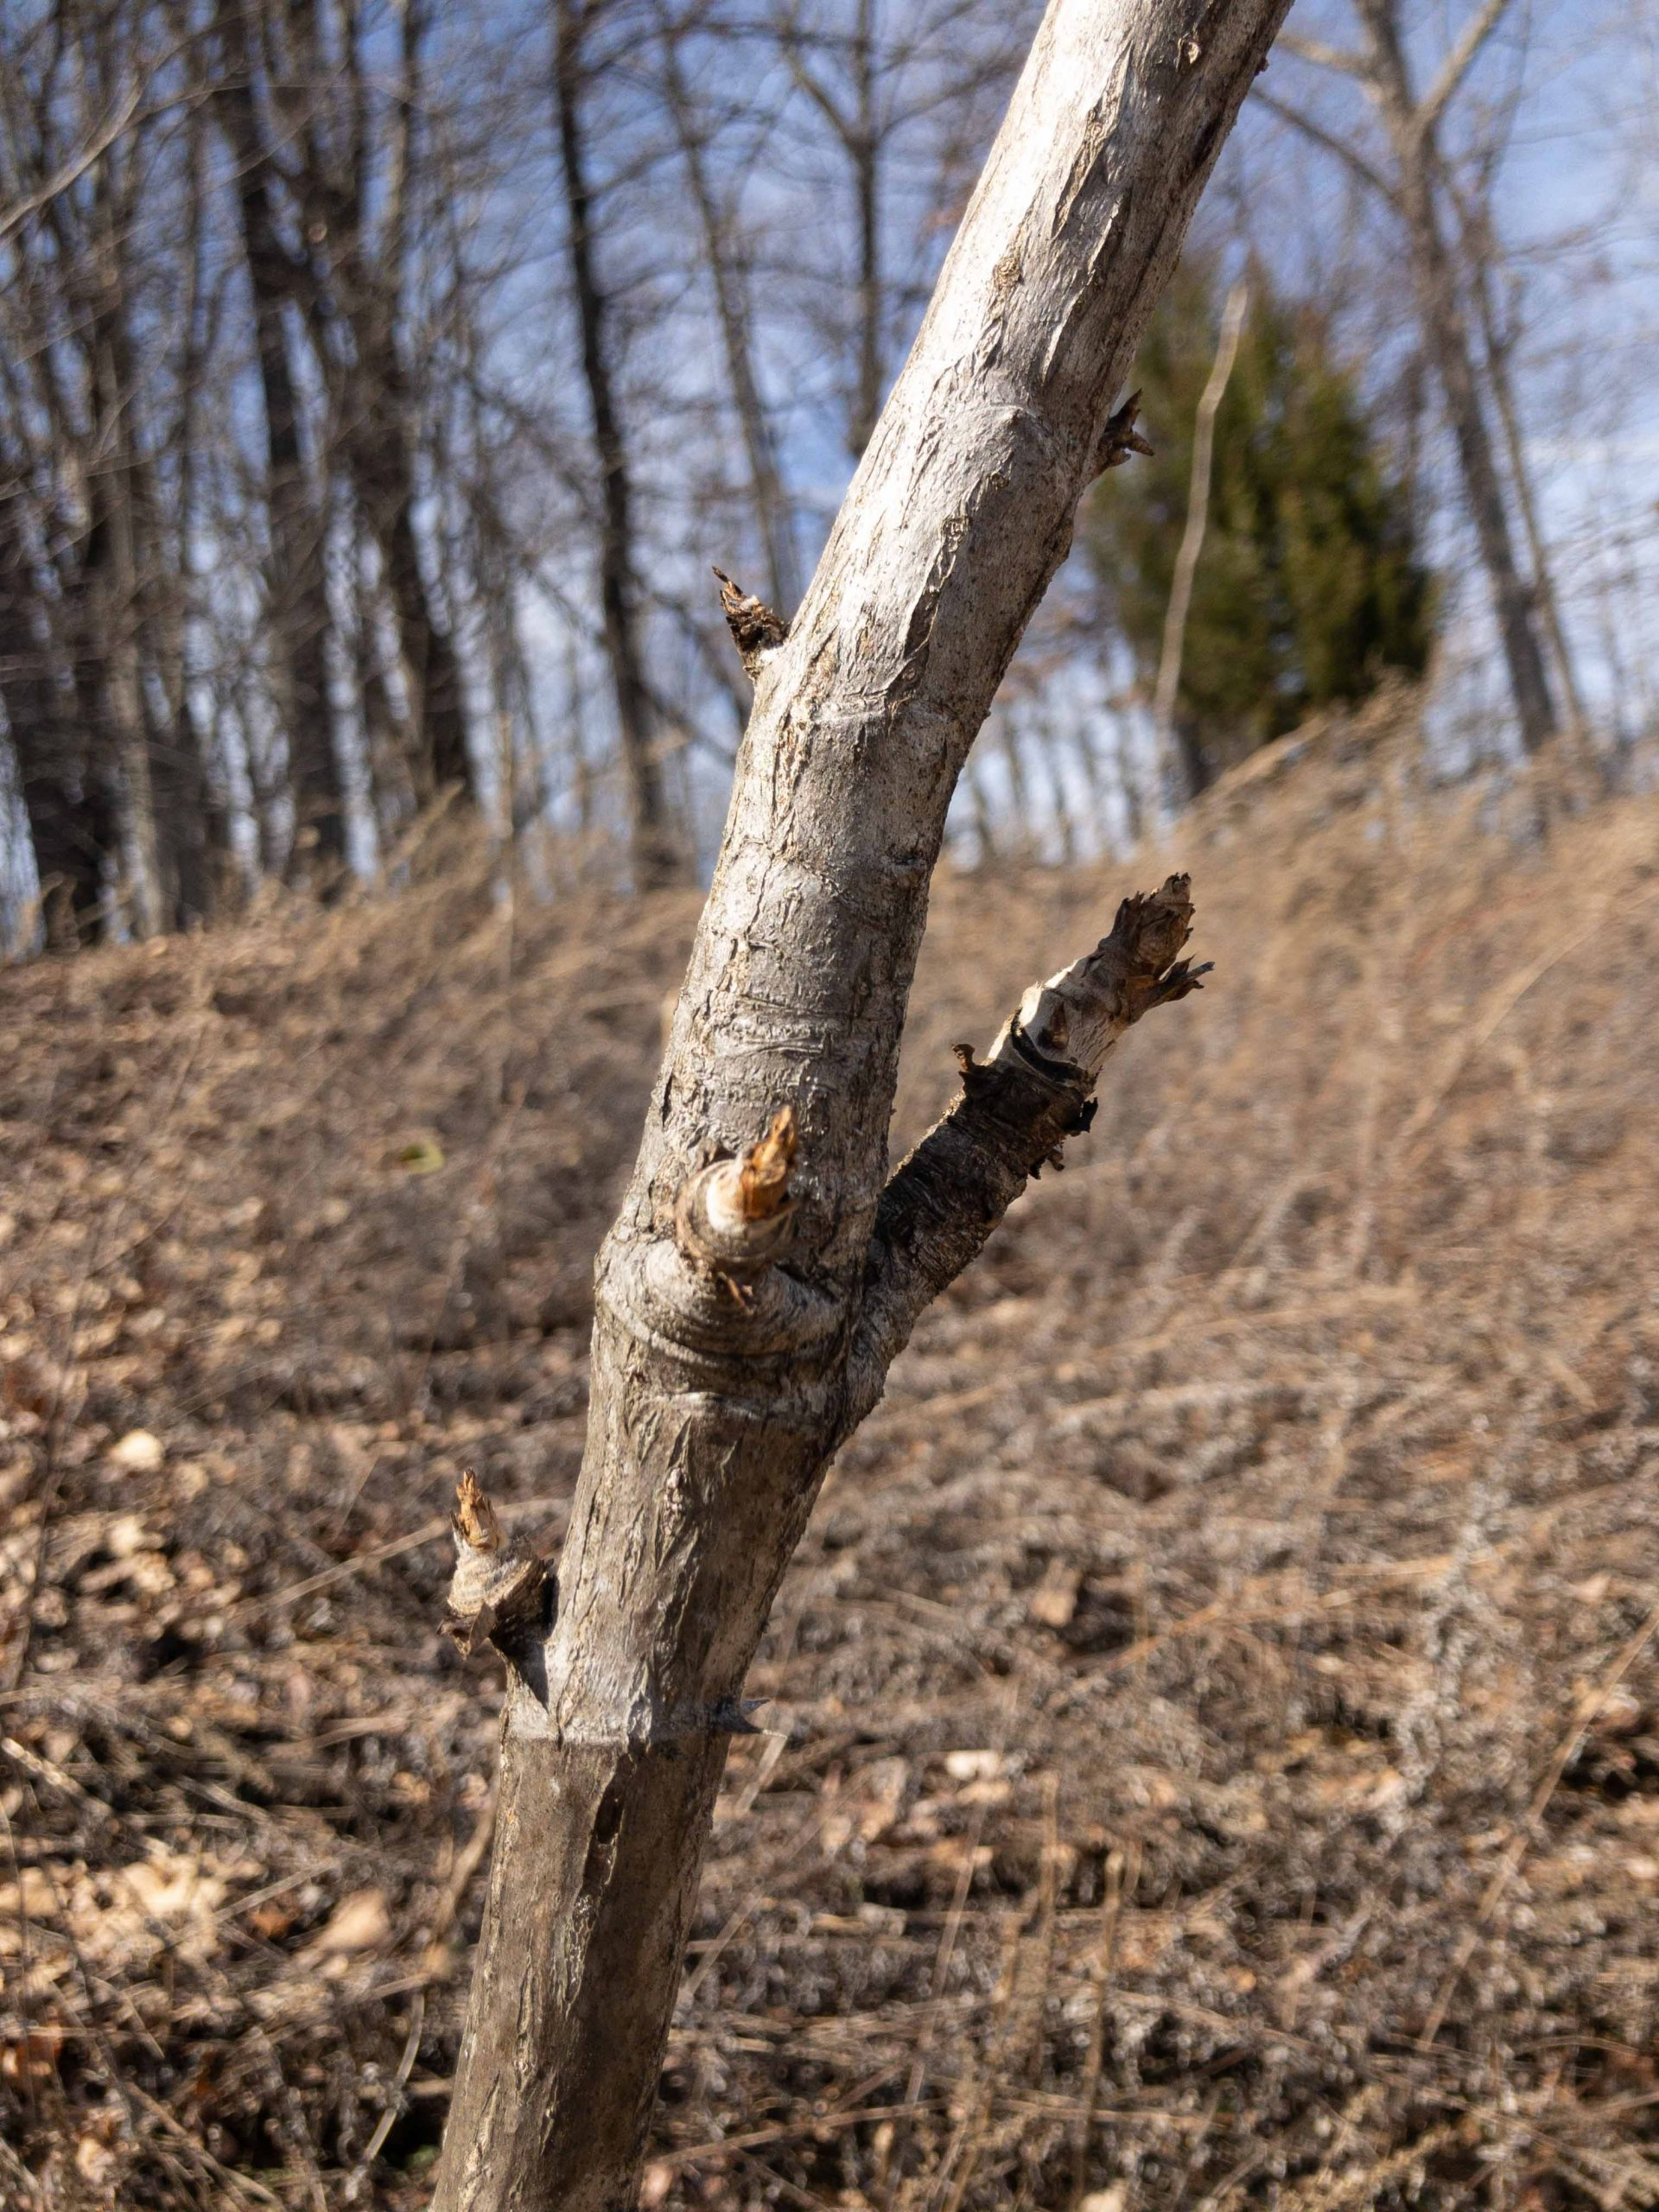 Angelica Tree Shoot tree to make dureup.